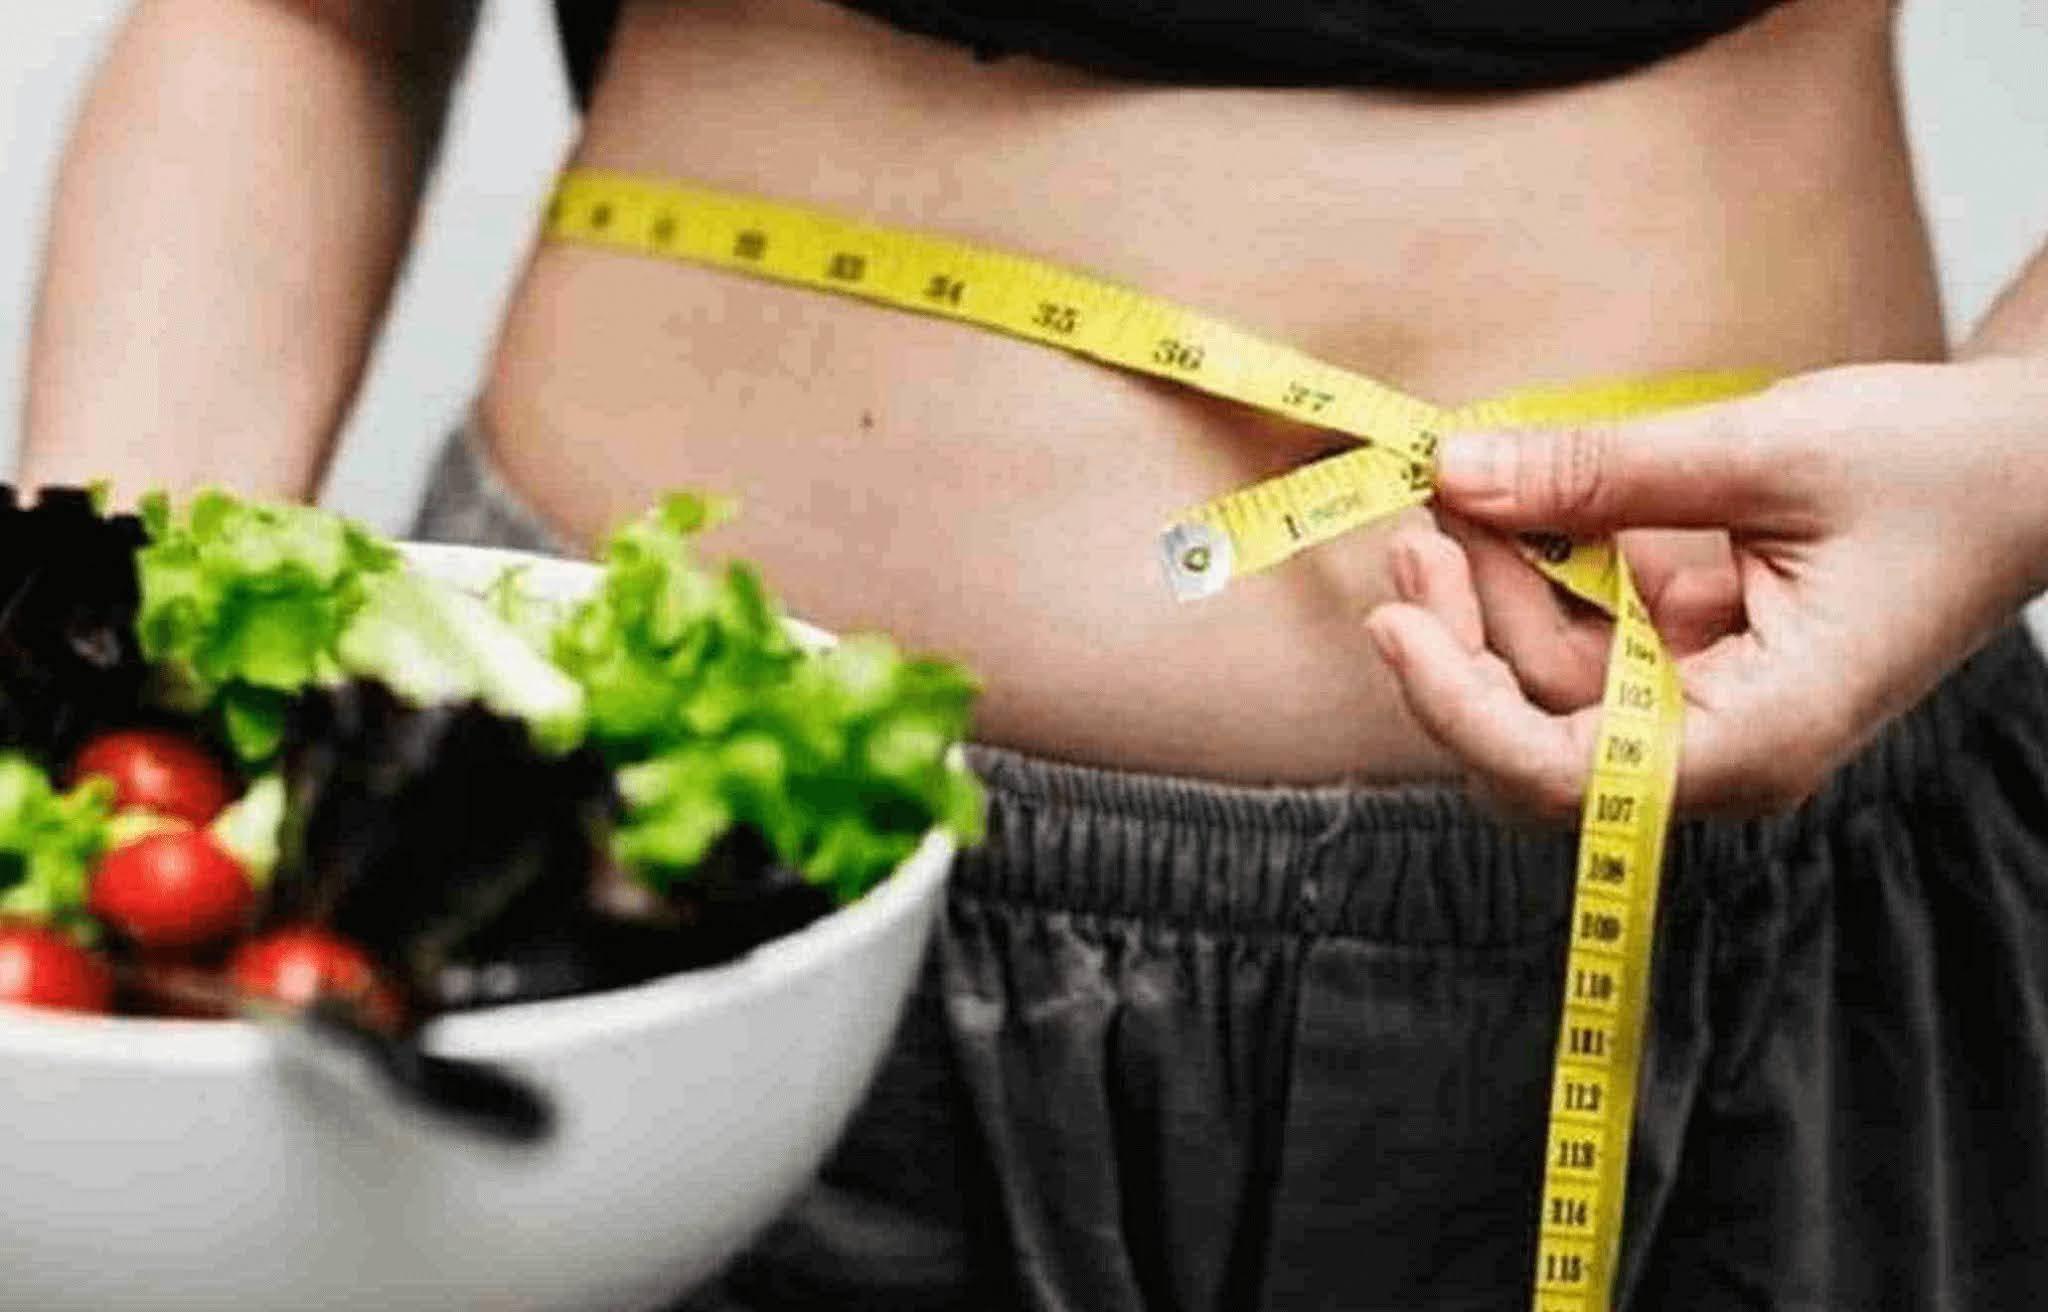 Brasileiros elencam saúde mental e perda de peso como fatores para uma vida saudável, revela pesquisa!